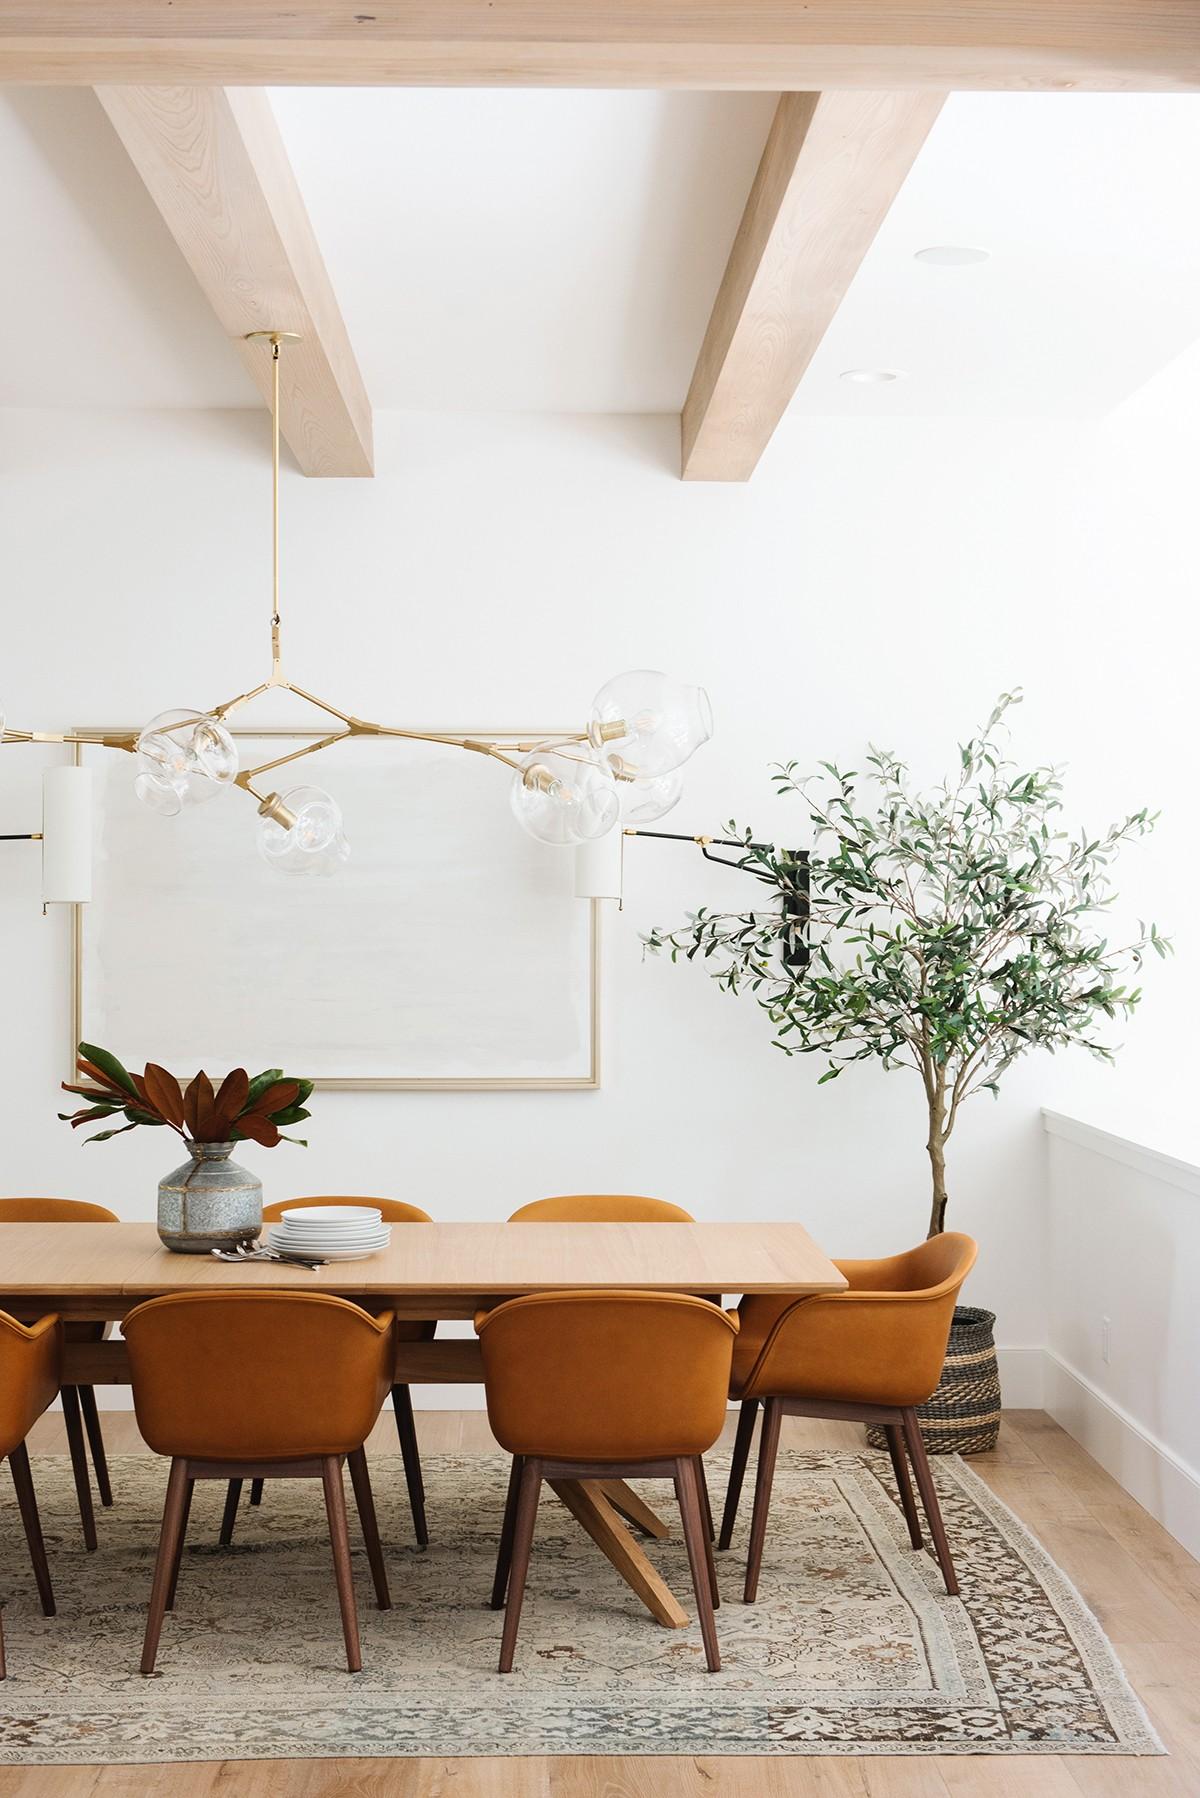 Lichte eetkamer leren stoelen groot vloerkleed